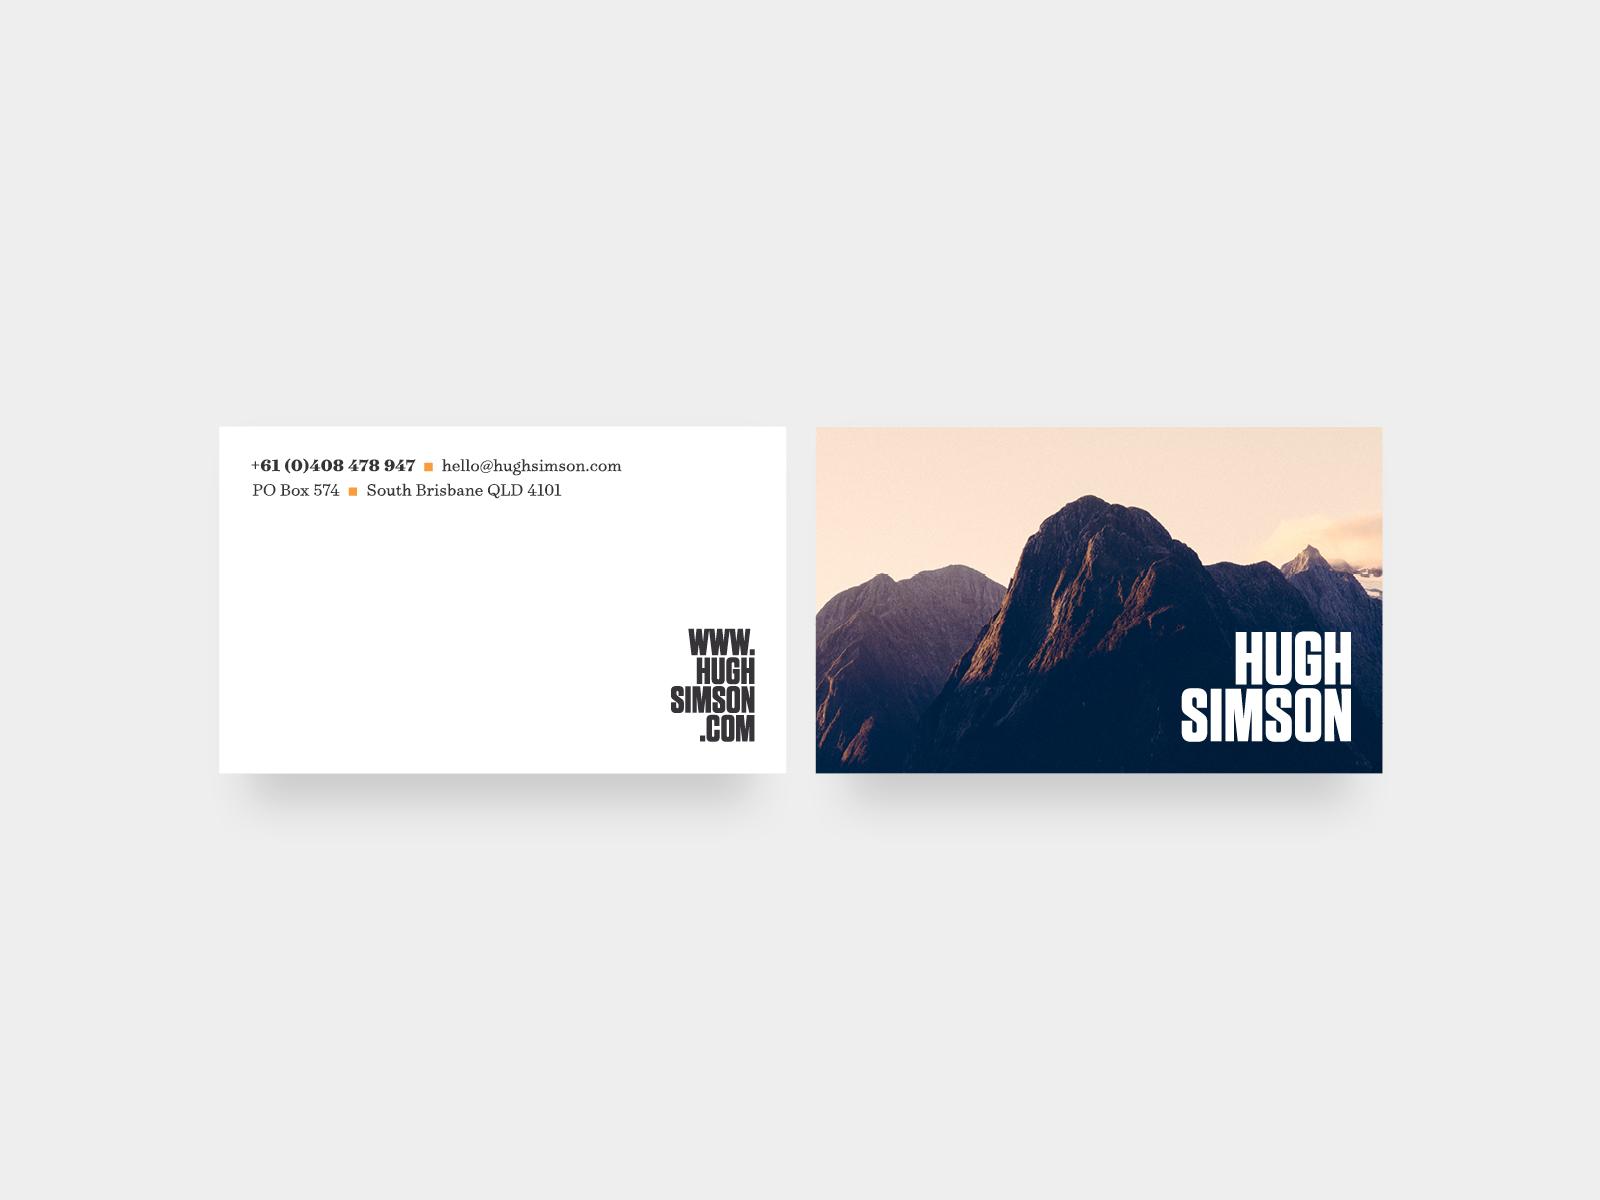 hugh-simson-3.jpg